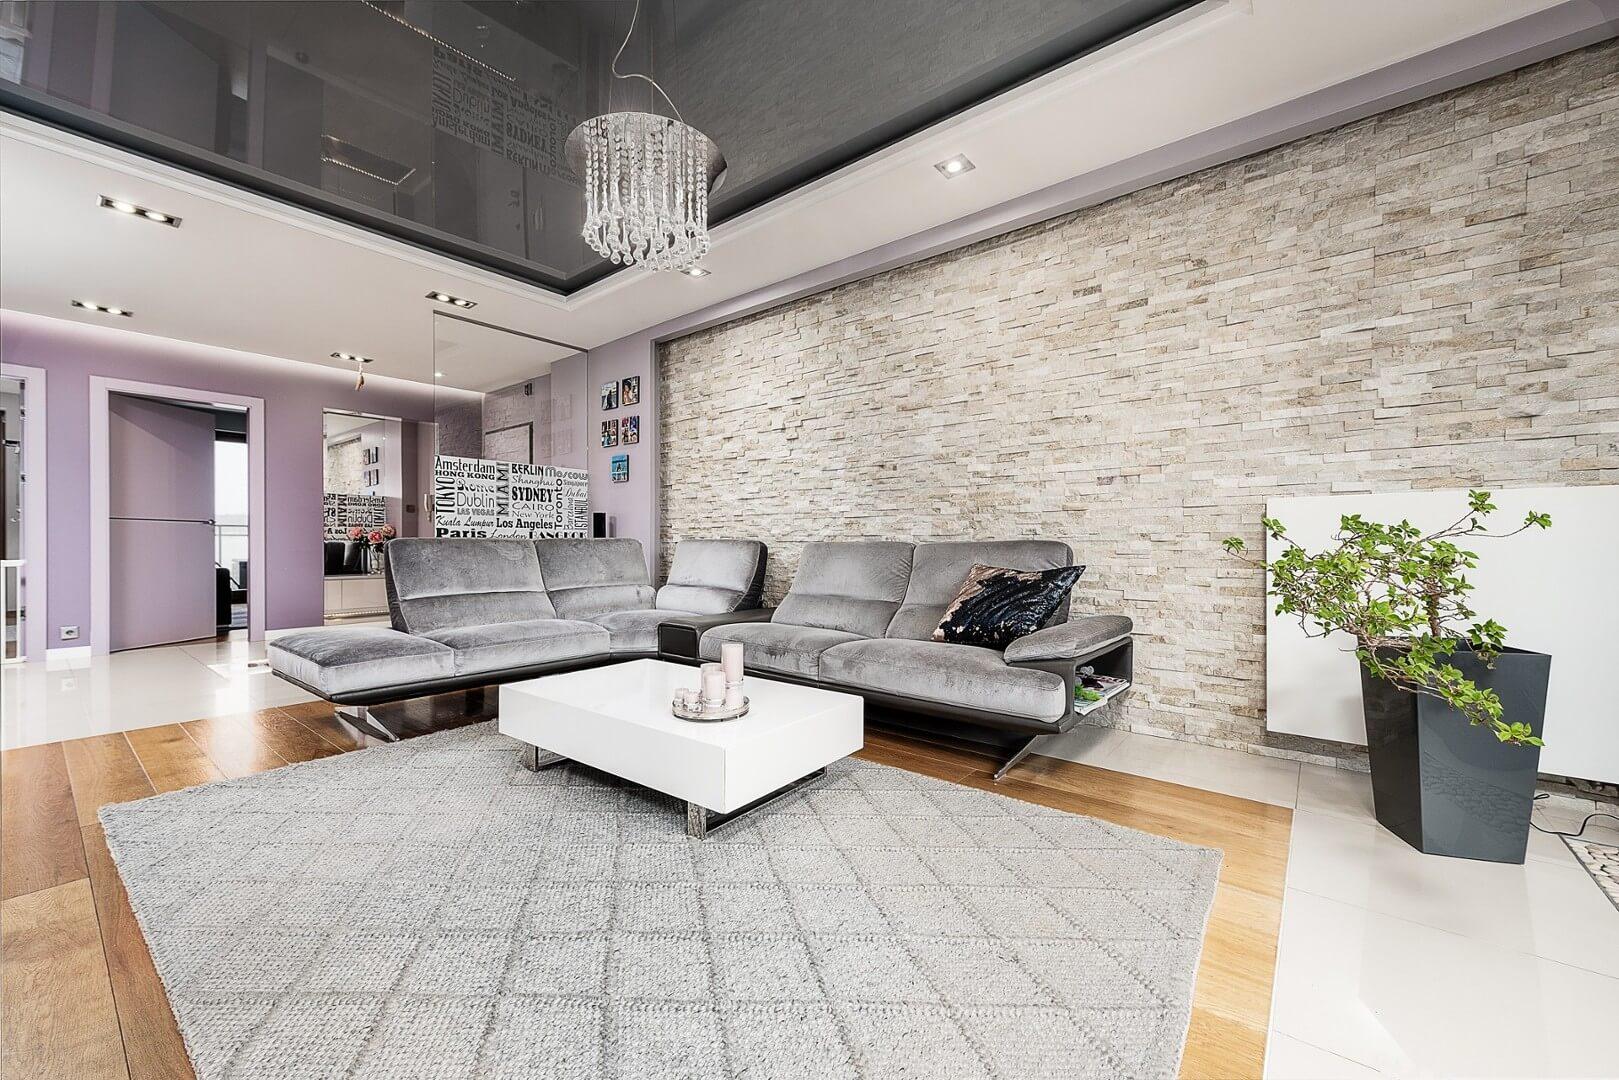 3-комнатная квартира 86 м2, Варшава